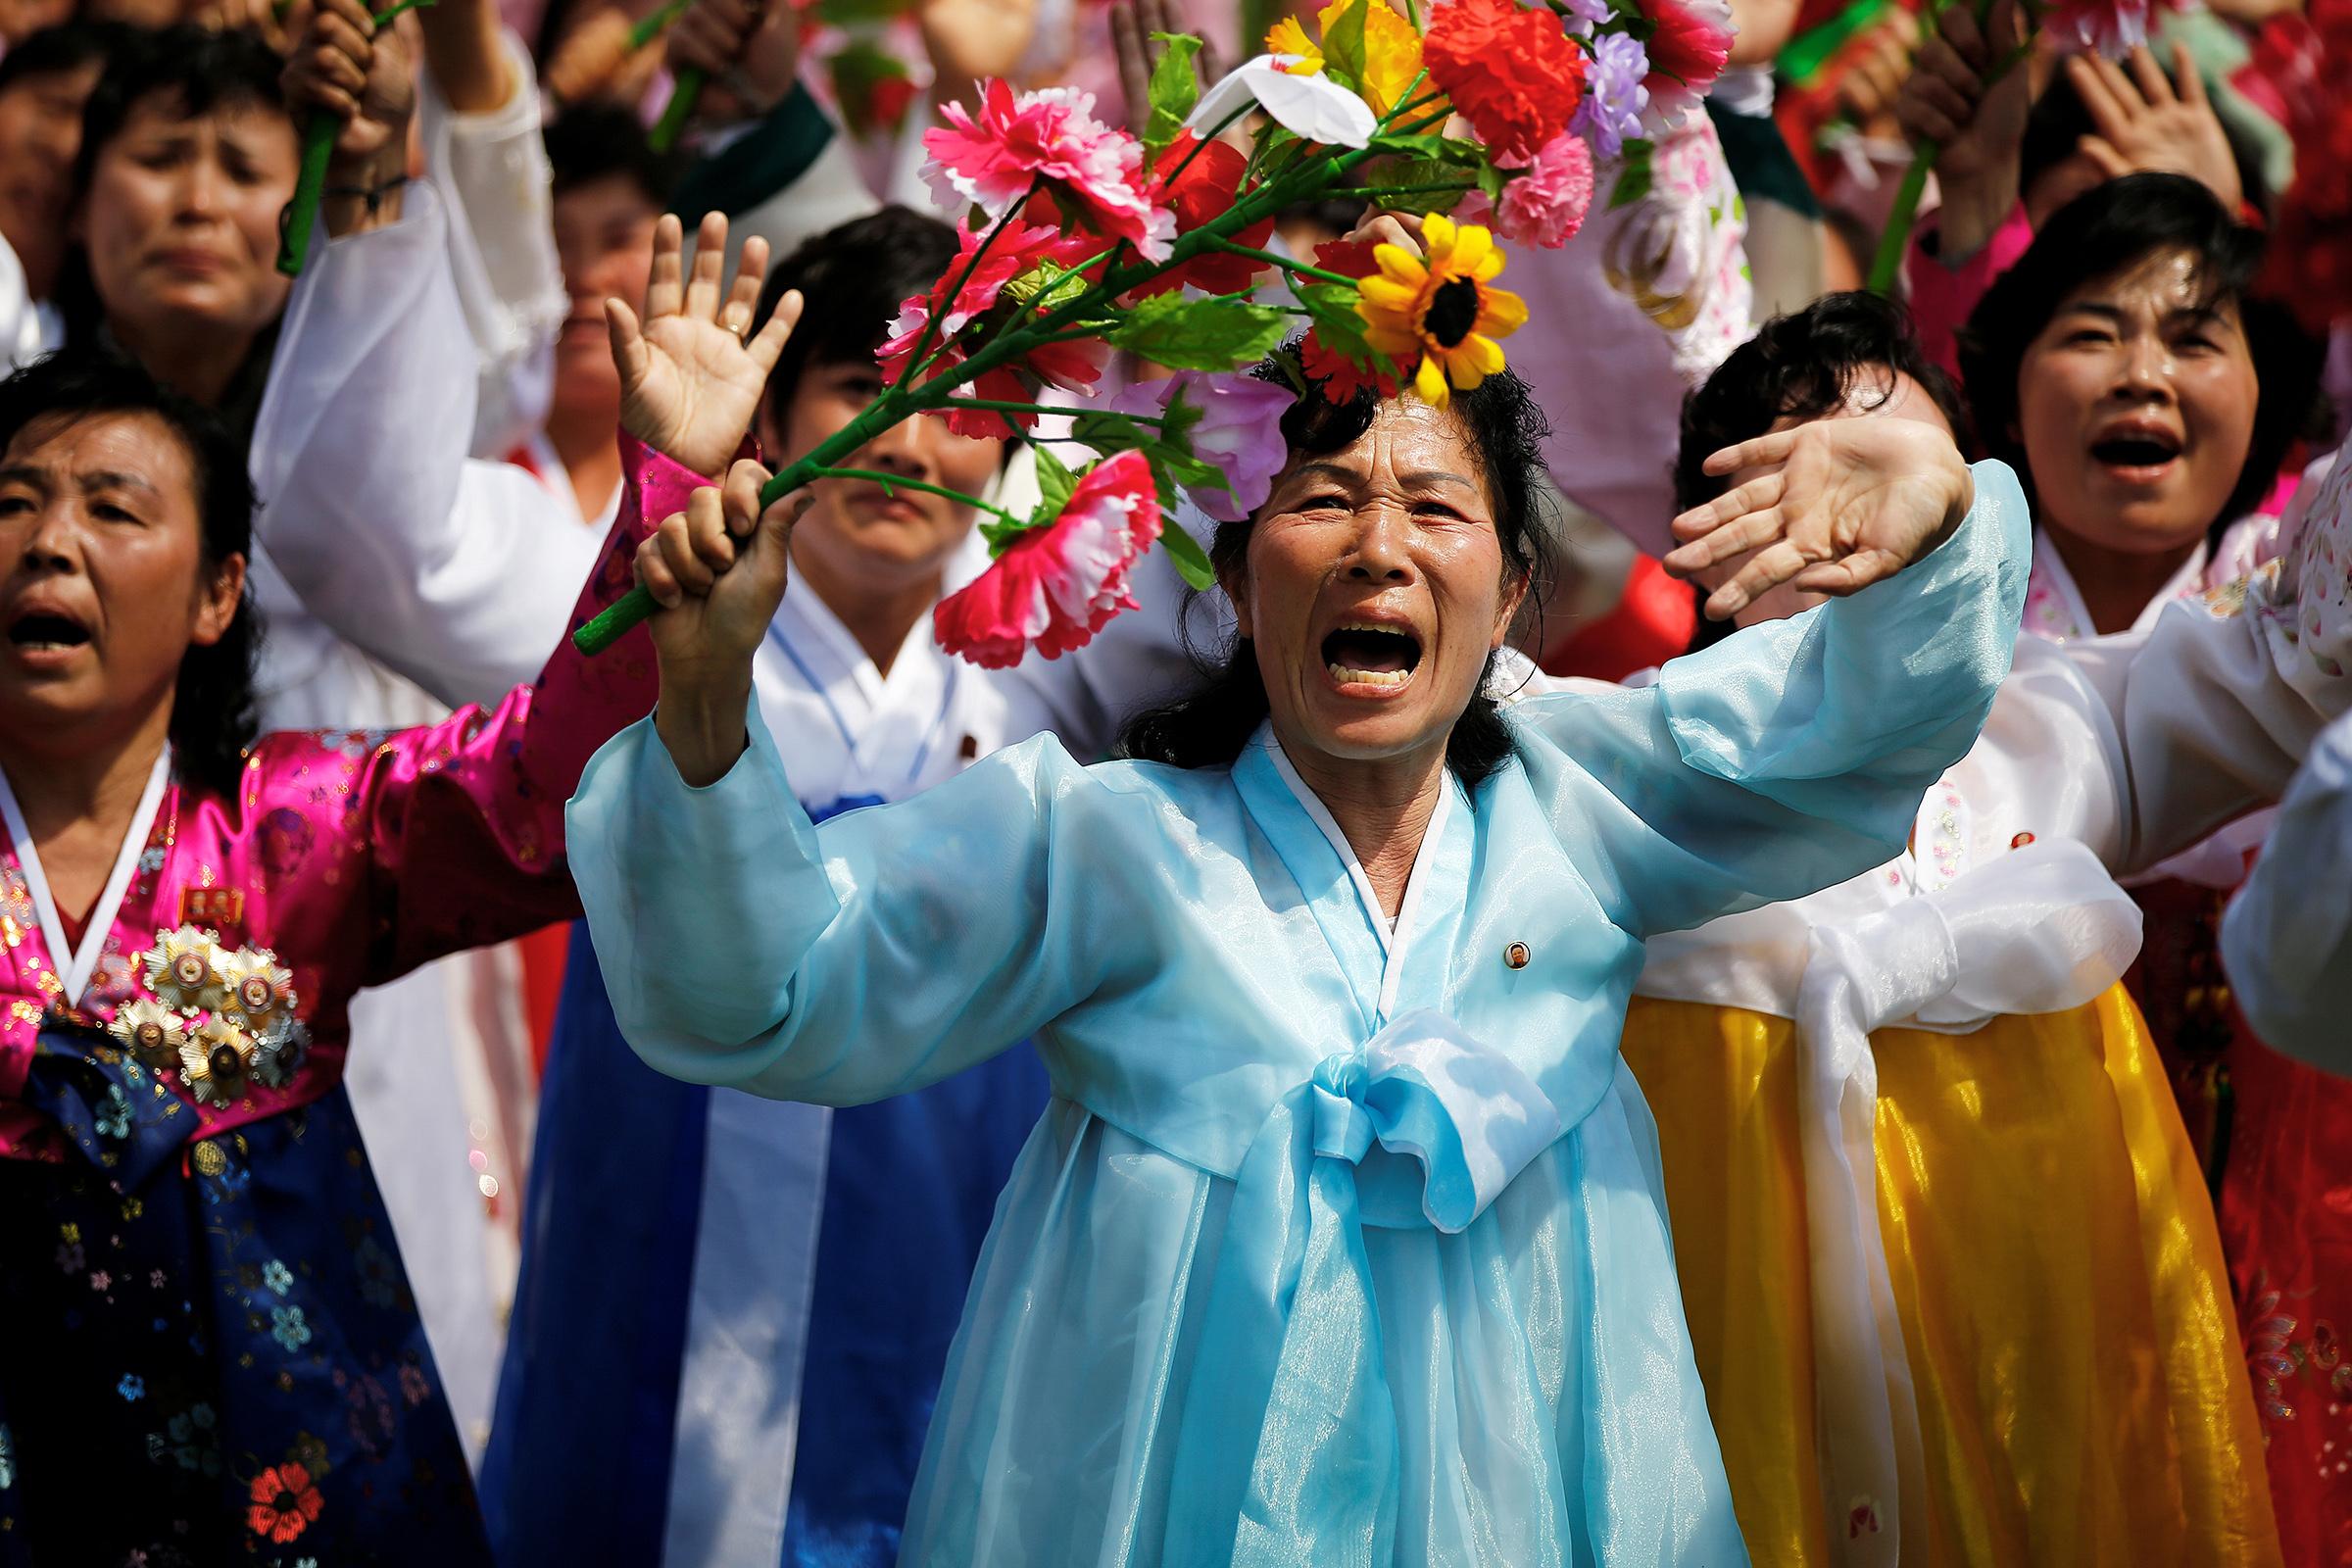 Парад в честь Ким Чен Ына традиционно проходит в мае, когда кончается съезд Трудовой партии Кореи.